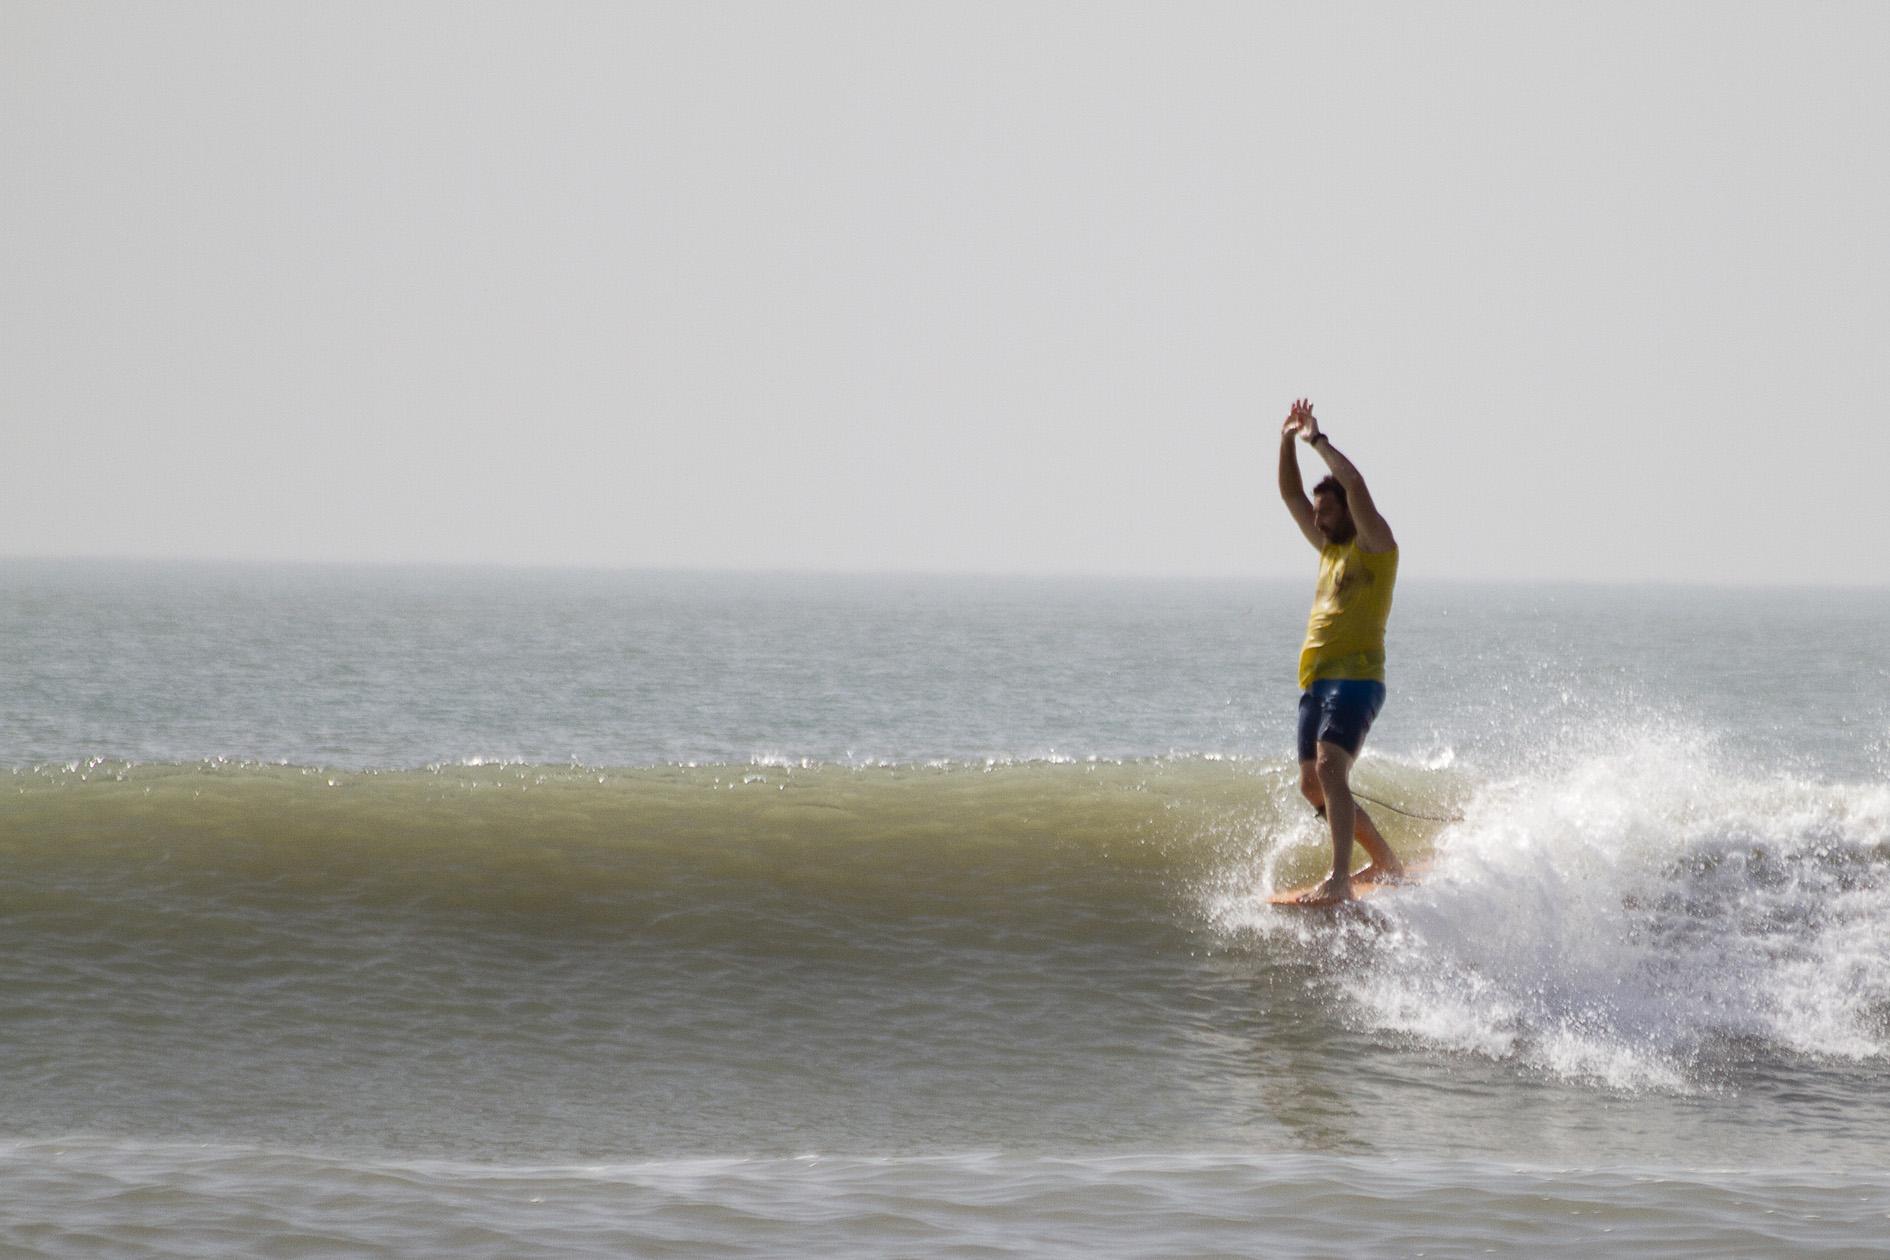 Escuela de Surf Marejada - La Escuela de Surf imparte las clases en las playas de la zona de Cap Skirring,Nuestra base esta en Le Petit Quartier, en Kabroussedesde donde nos movemos a dar la clase donde mejor convenga a nuestros clientes, ya sea en la playa de su hotel, o donde mejores condiciones haya en función de la marea, el viento, la fuerza del mar y el nivel de los alumnos.La temperatura ambiente de unos 30 grados de media durante toda la temporada que va desde Octubre a Mayo, el agua del mar, entre 23 y 26 grados.Tenemos catalogadas unas 20 zonas de olas de calidad, con orientaciones diferentes, lo que nos posibilita tener siempre alguna alternativa ante los cambios de dirección de las olas o el viento. Además estamos descubriendo olas cada mes, tenemos un outer bank que estamos checkeando, así como otras olas para ir en barco a zonas próximas que poco a poco iremos abriendo a nuestros clientes.